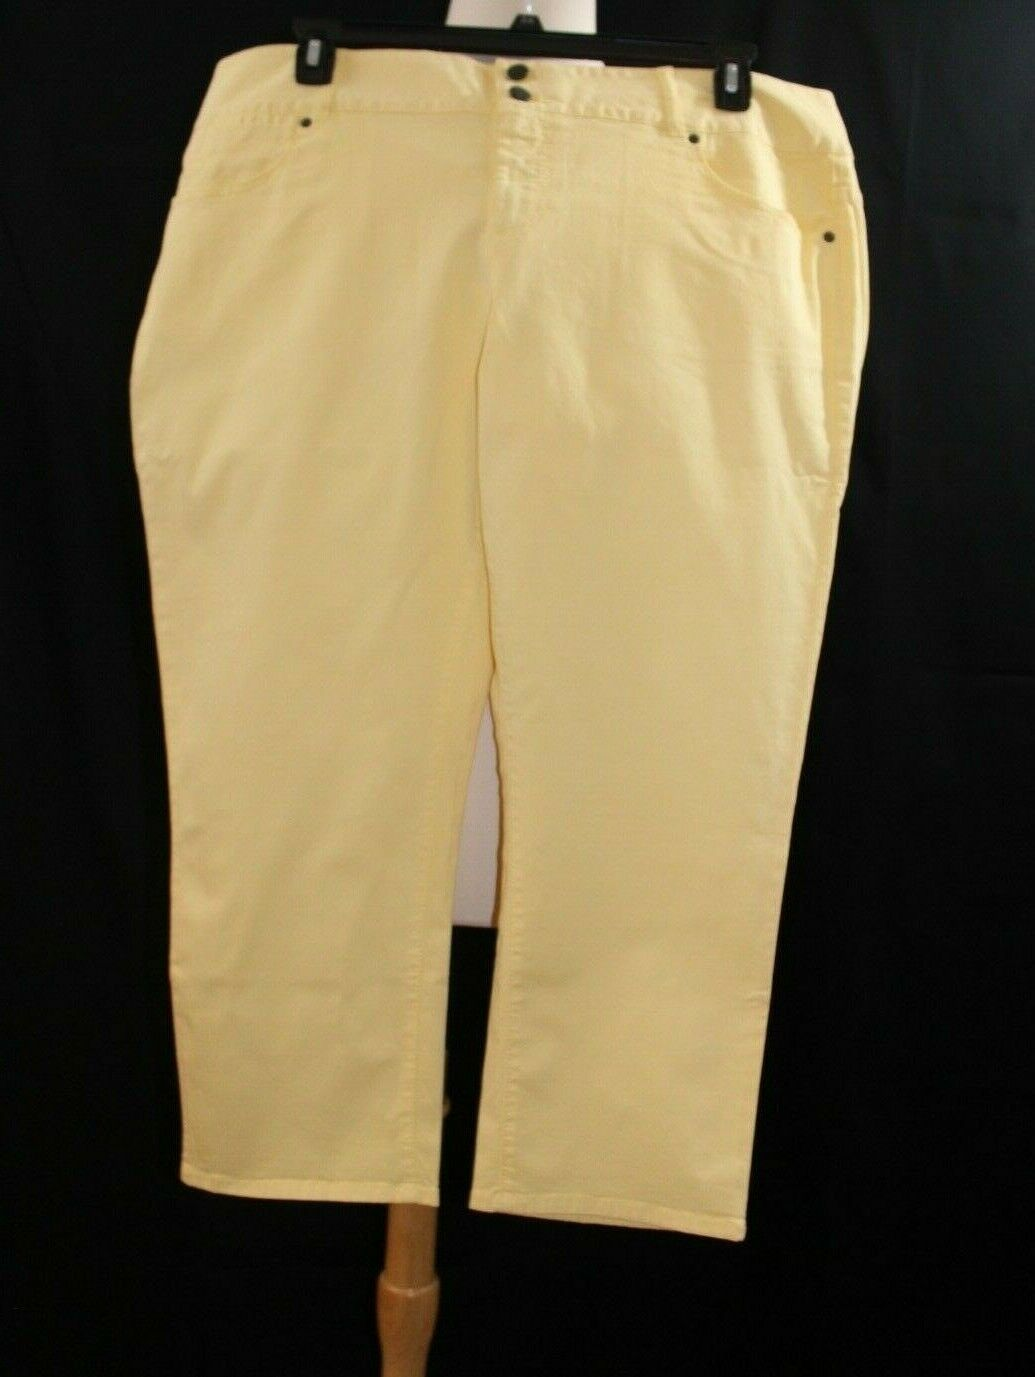 Talbots Women's Capri Pants  -  NWT -  Size 20 - Freesia Yellow -  SPY